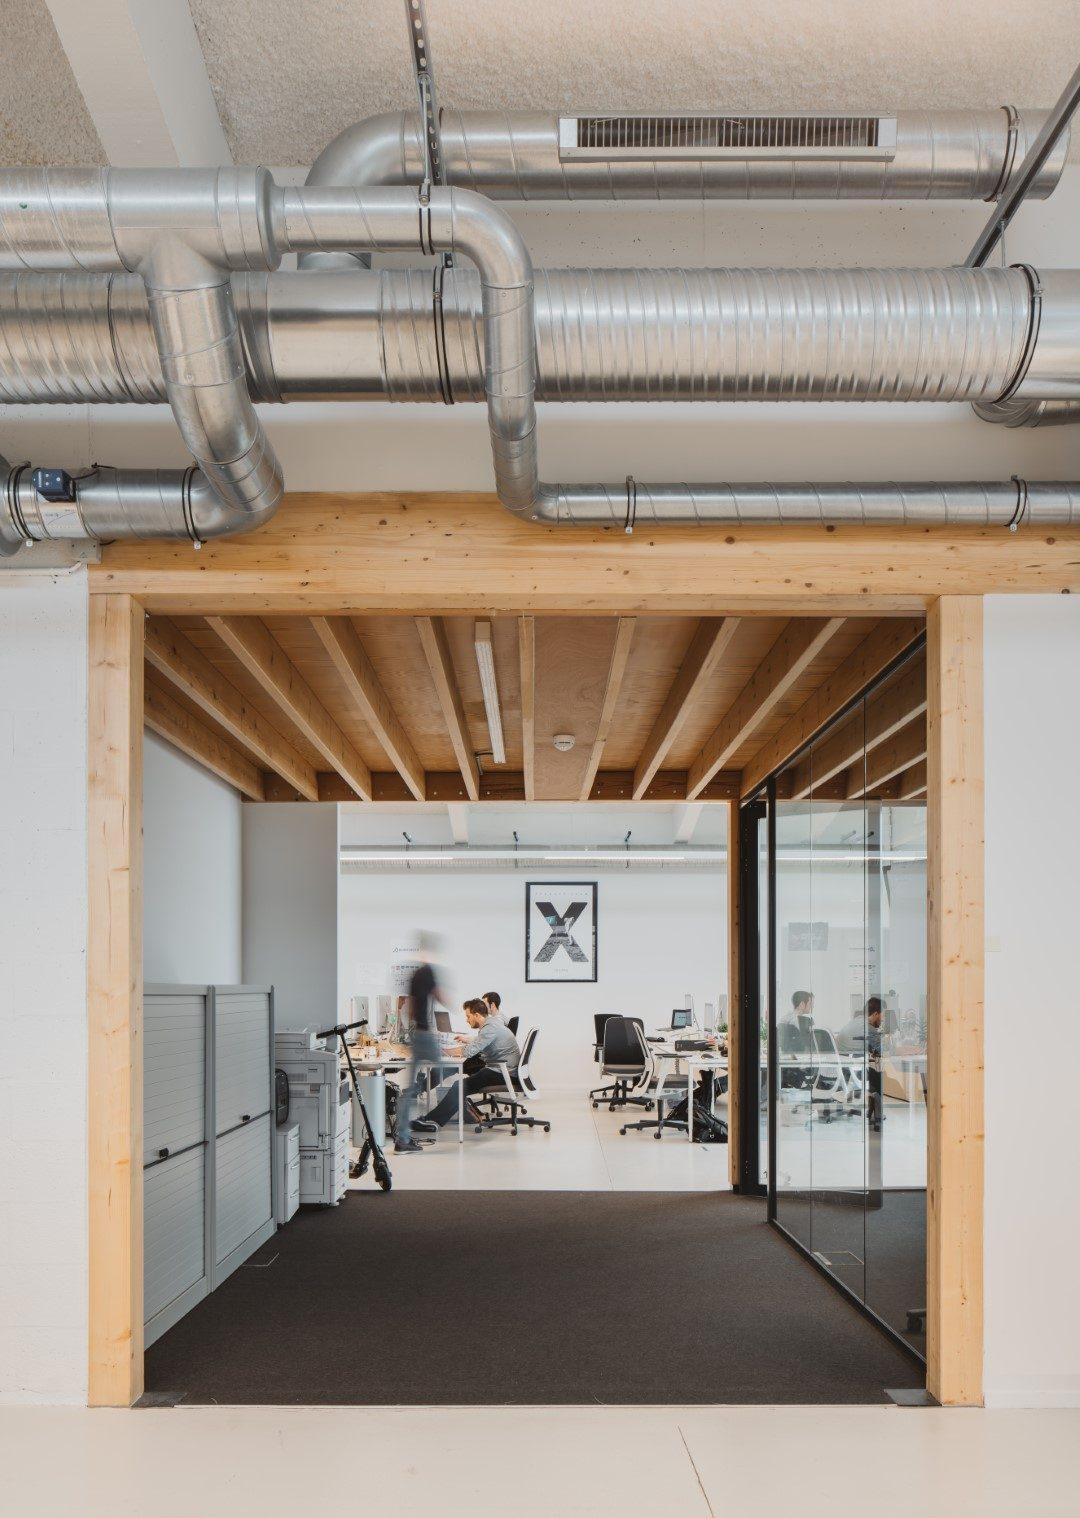 faktordertig - Hangar 26 - architectuur - iconisch gebouw - interieur - np bridging - leasinvest - kantoor